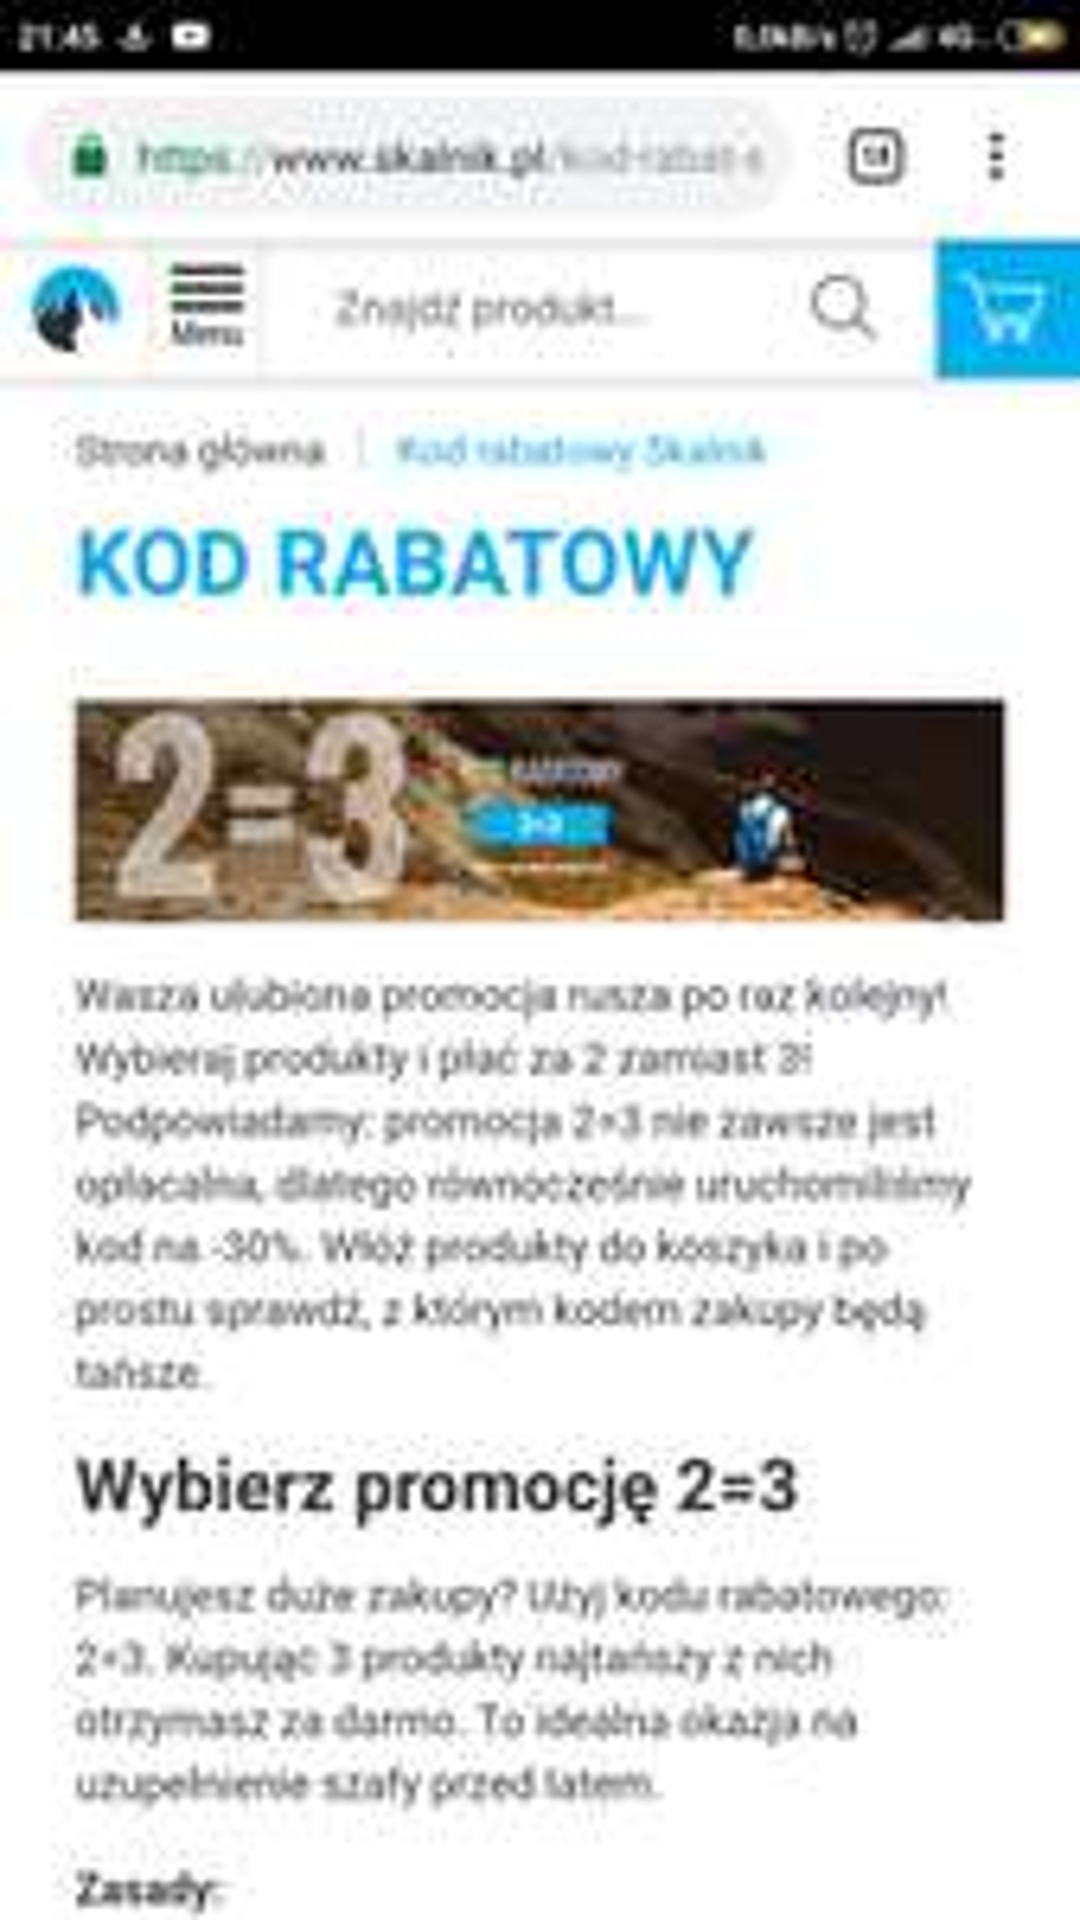 Skalnik.pl promocja 2=3 lub -30%